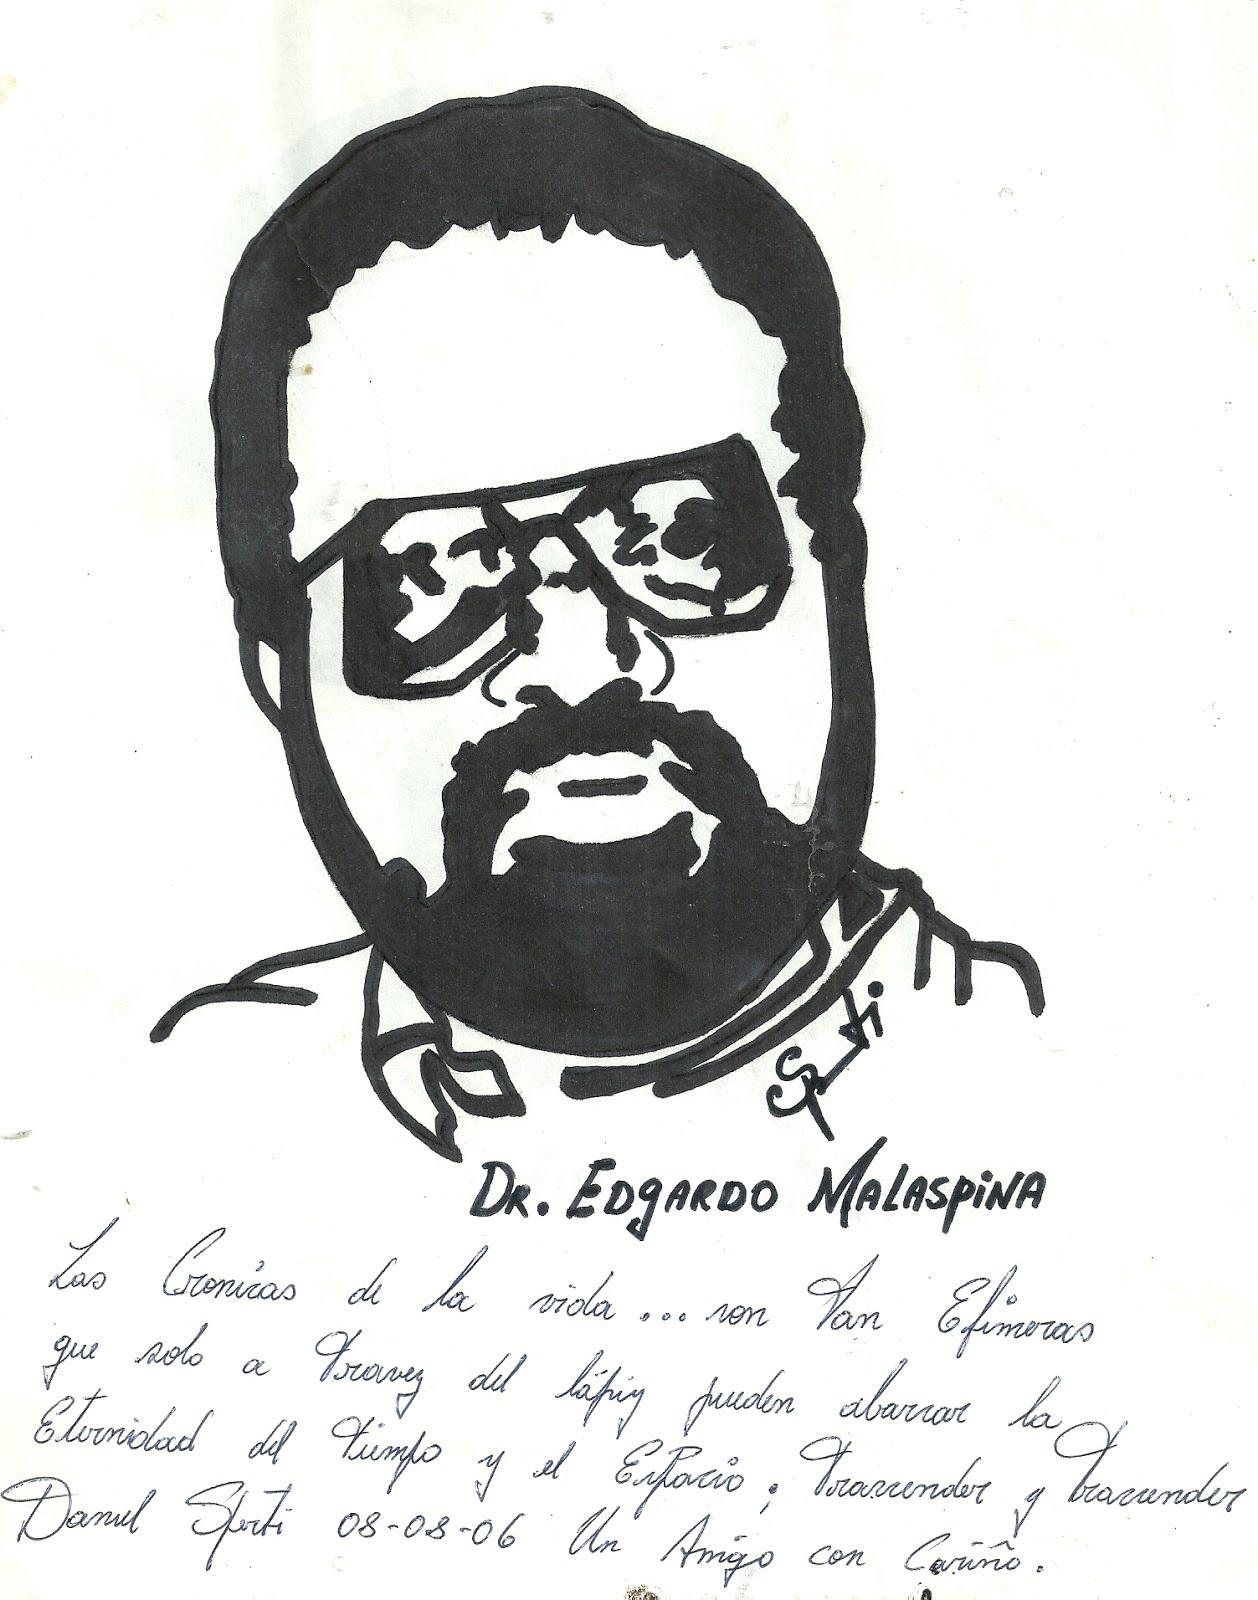 EDGARDO MALASPINA